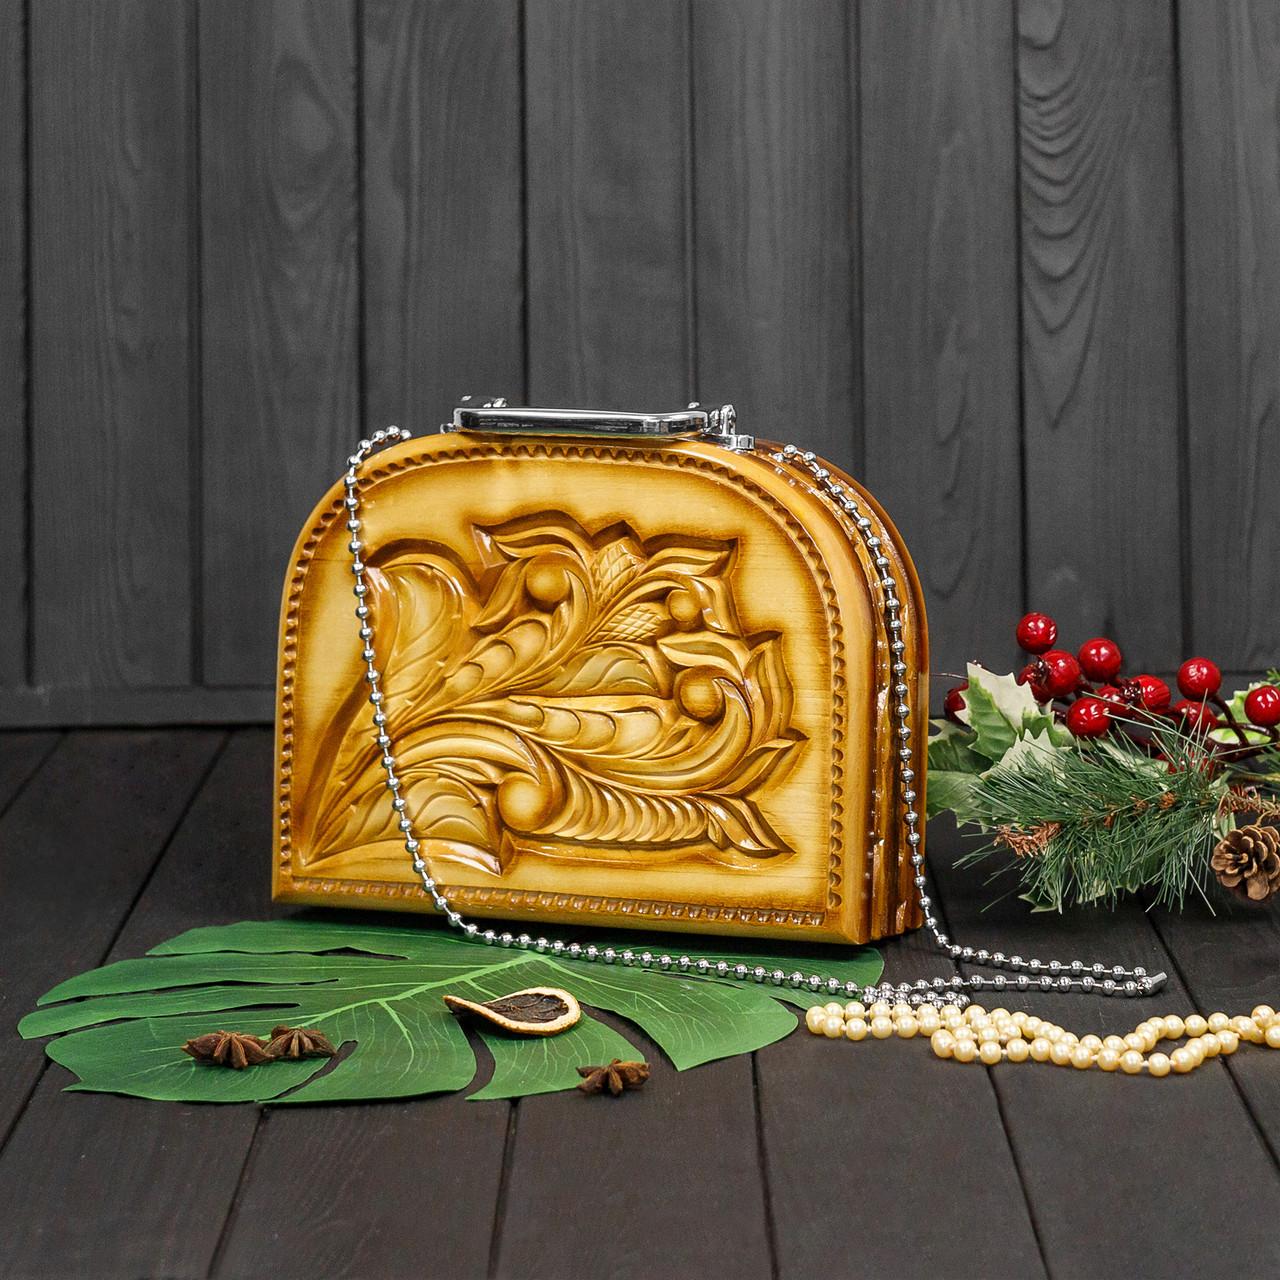 Женская сумочка ручной работы из дерева, эксклюзивная резьба, STRYI, 25*19*8